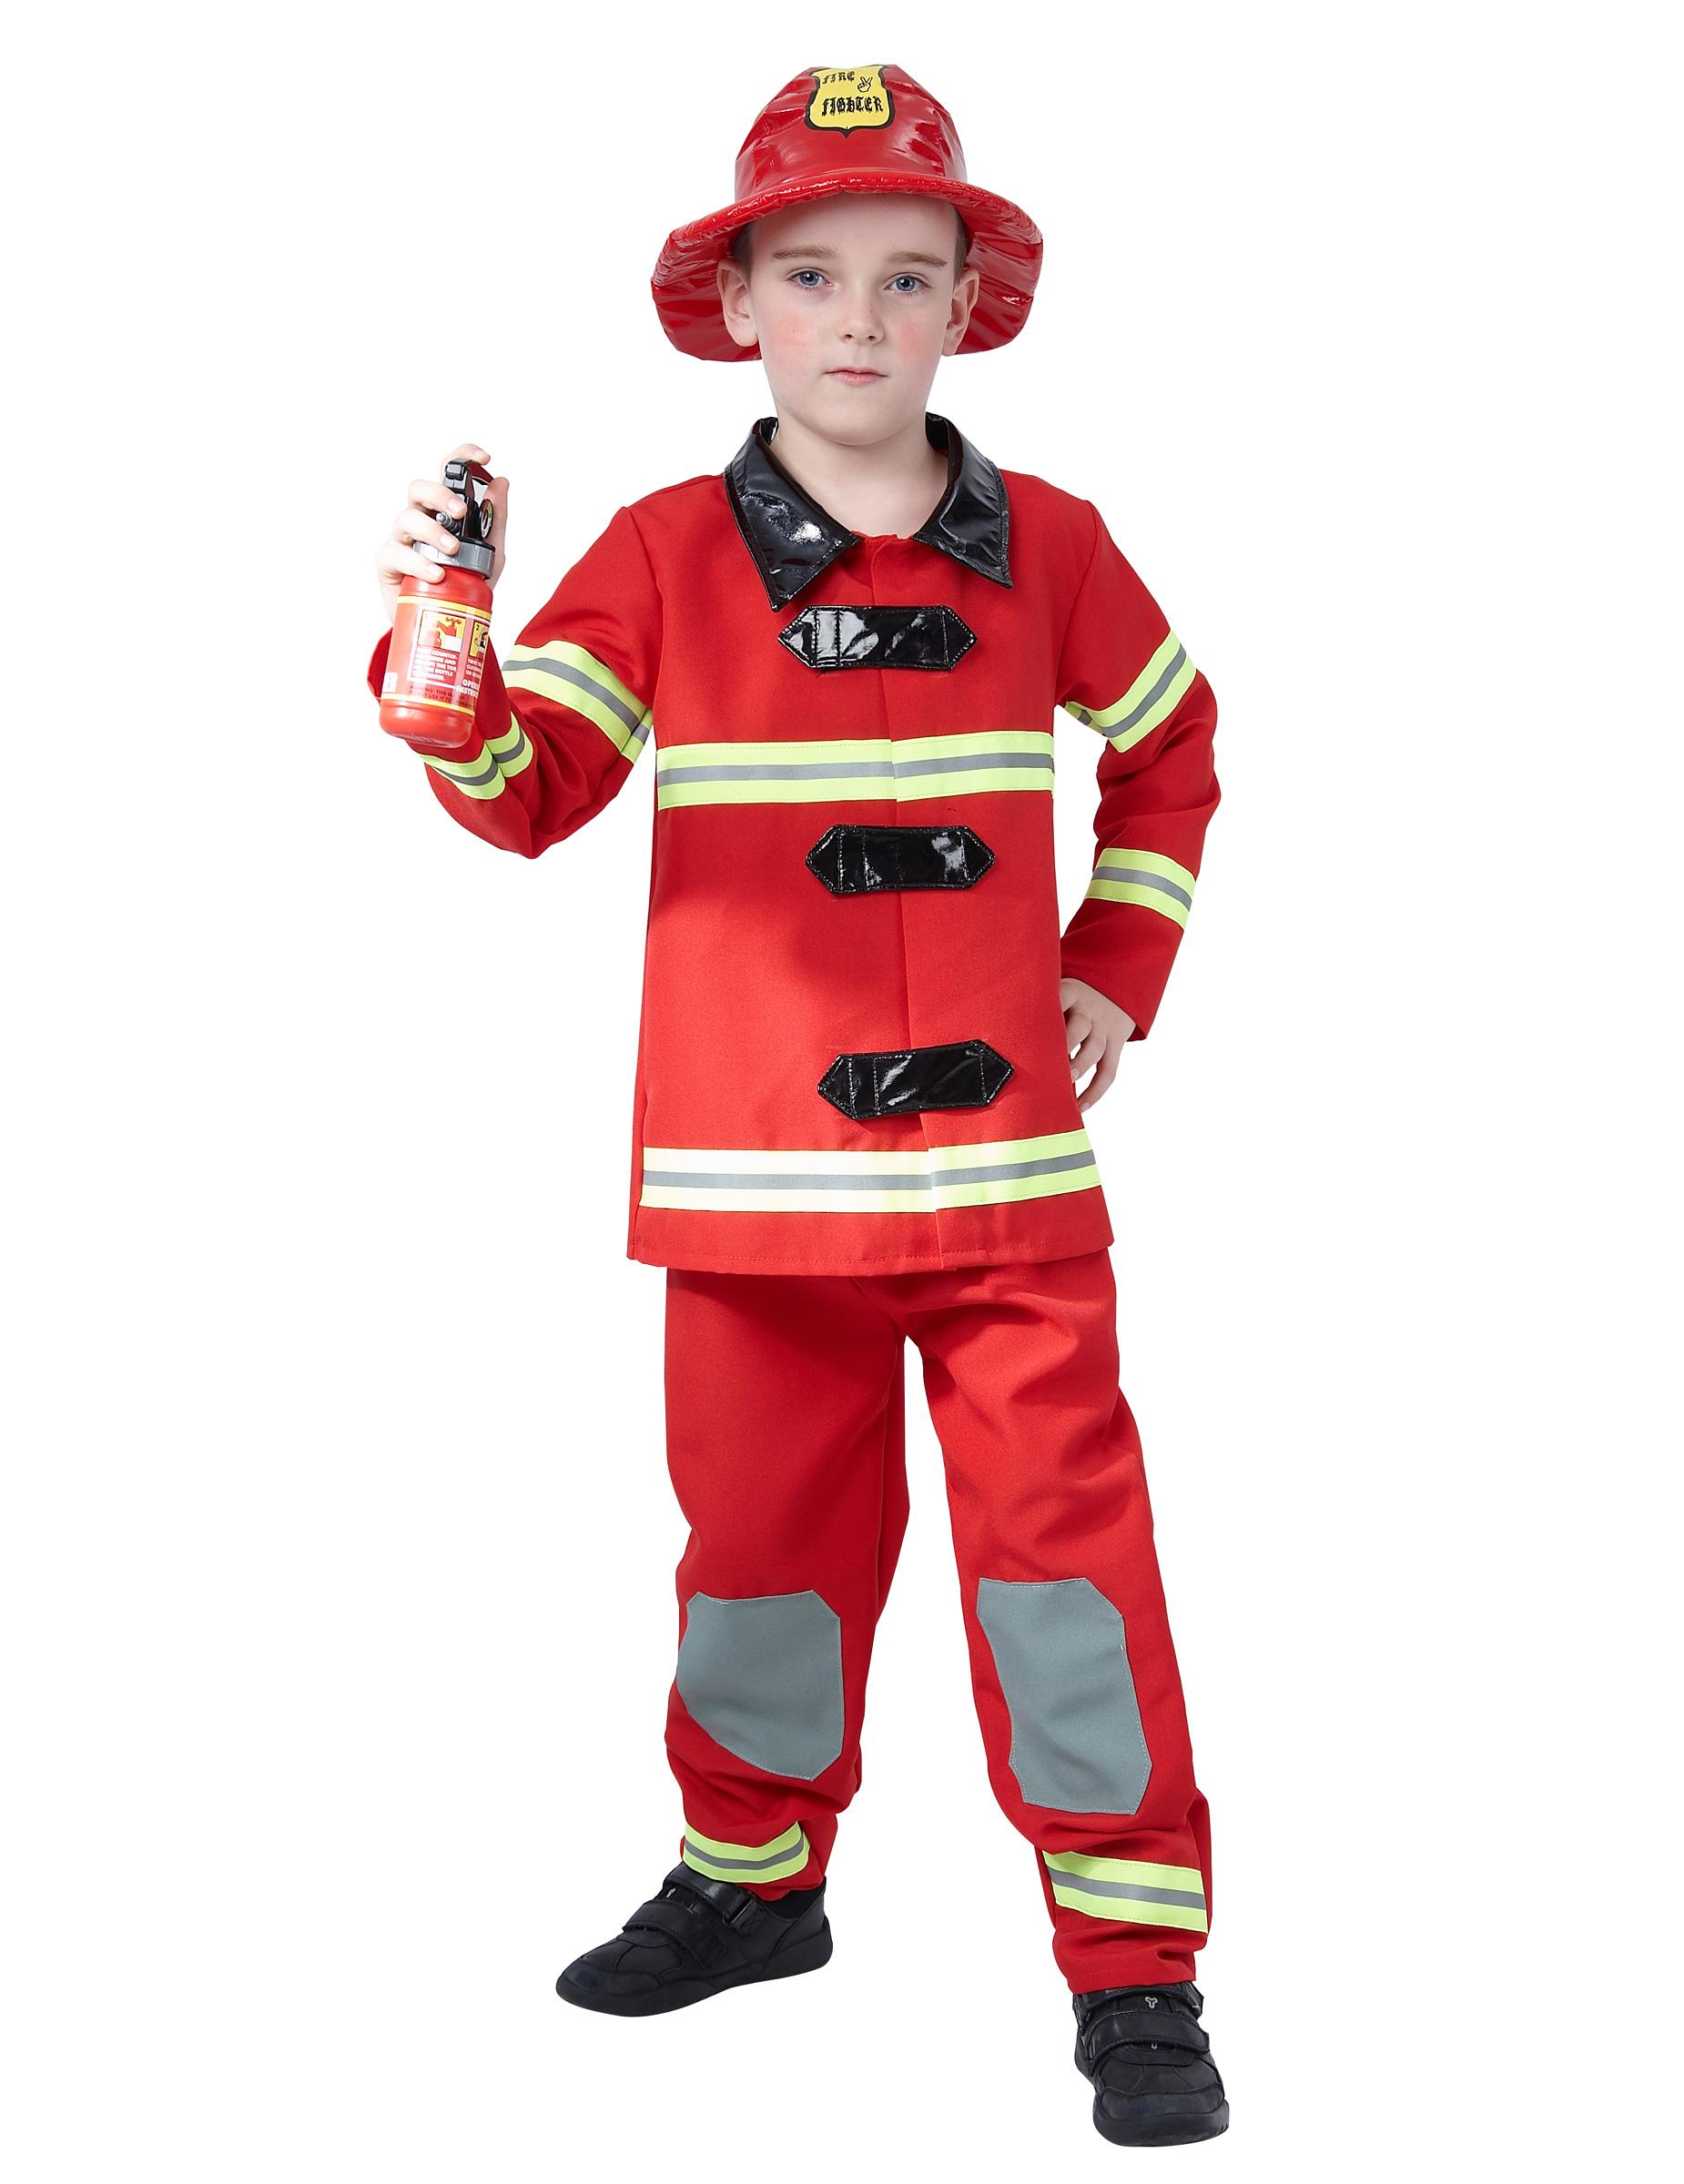 d3a34a562216 Costume rosso da pompiere bambino: Costumi bambini,e vestiti di ...